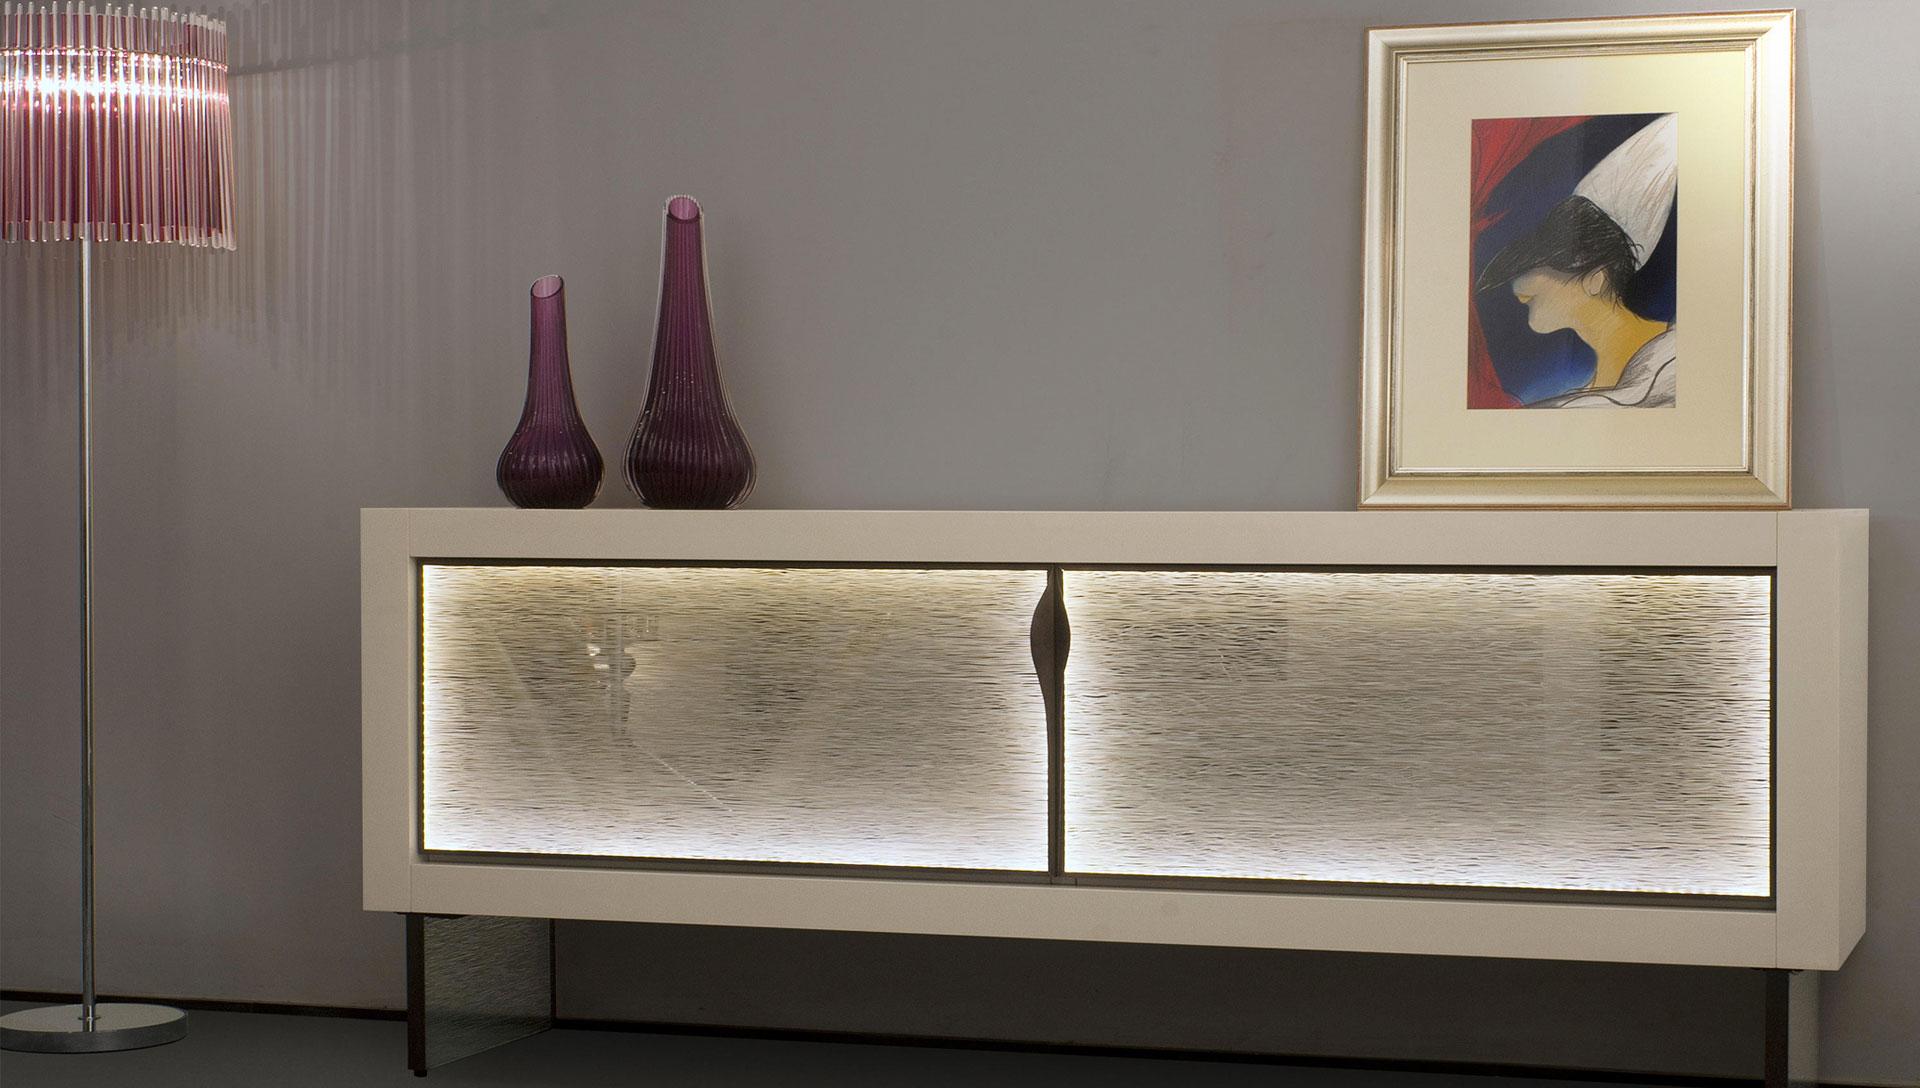 zona-giorno-ca-d-oro-comodus-arredamenti-nicoletti-interni-interior-design-divani-complementi-arredo-mobili-design-accessori-matera